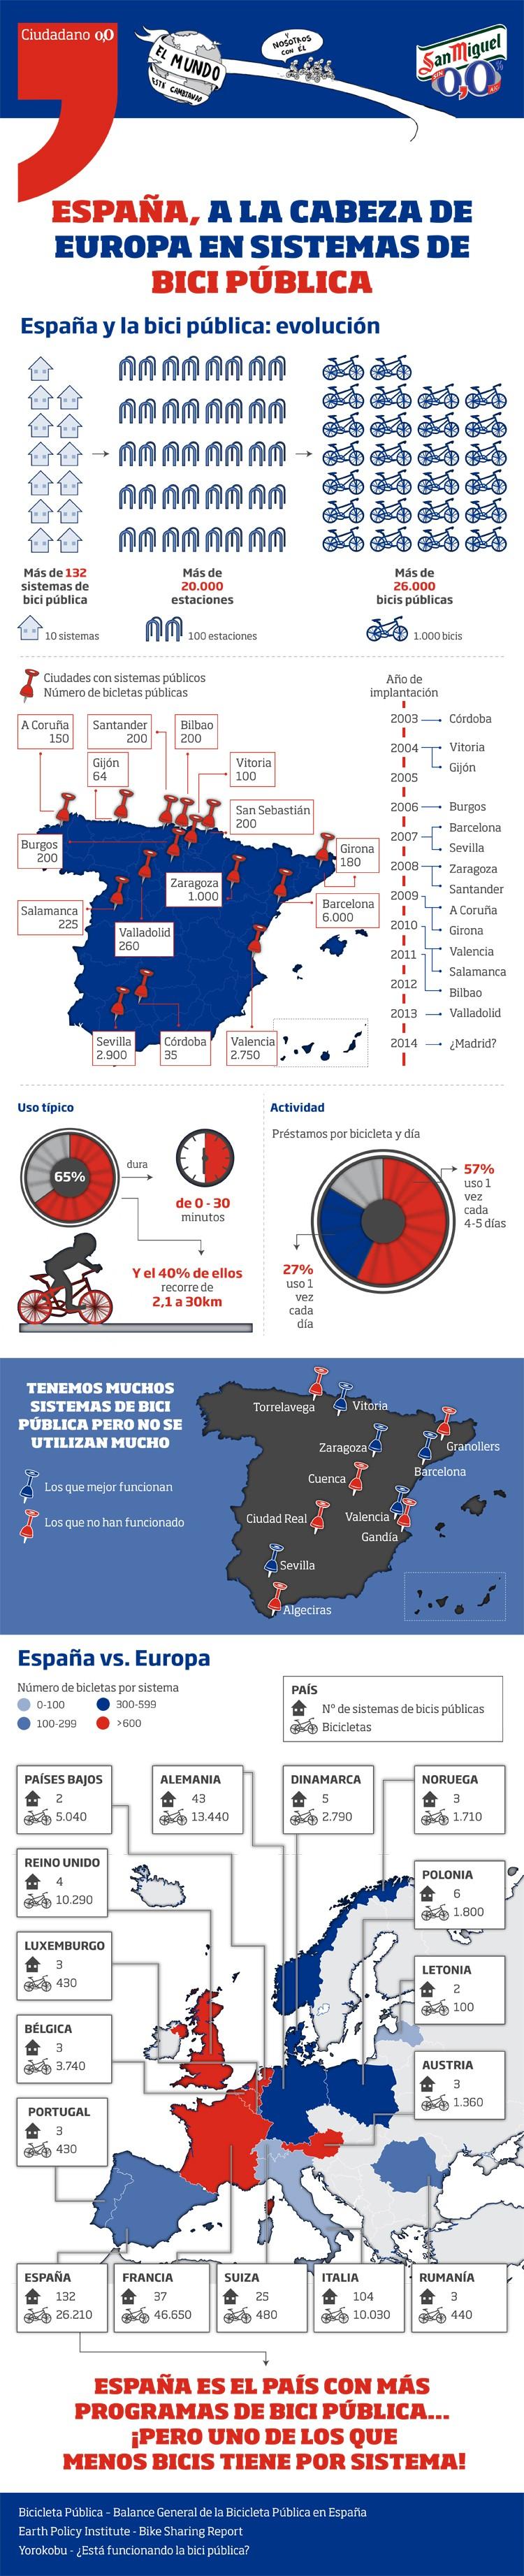 Estadísticas del uso de la bici